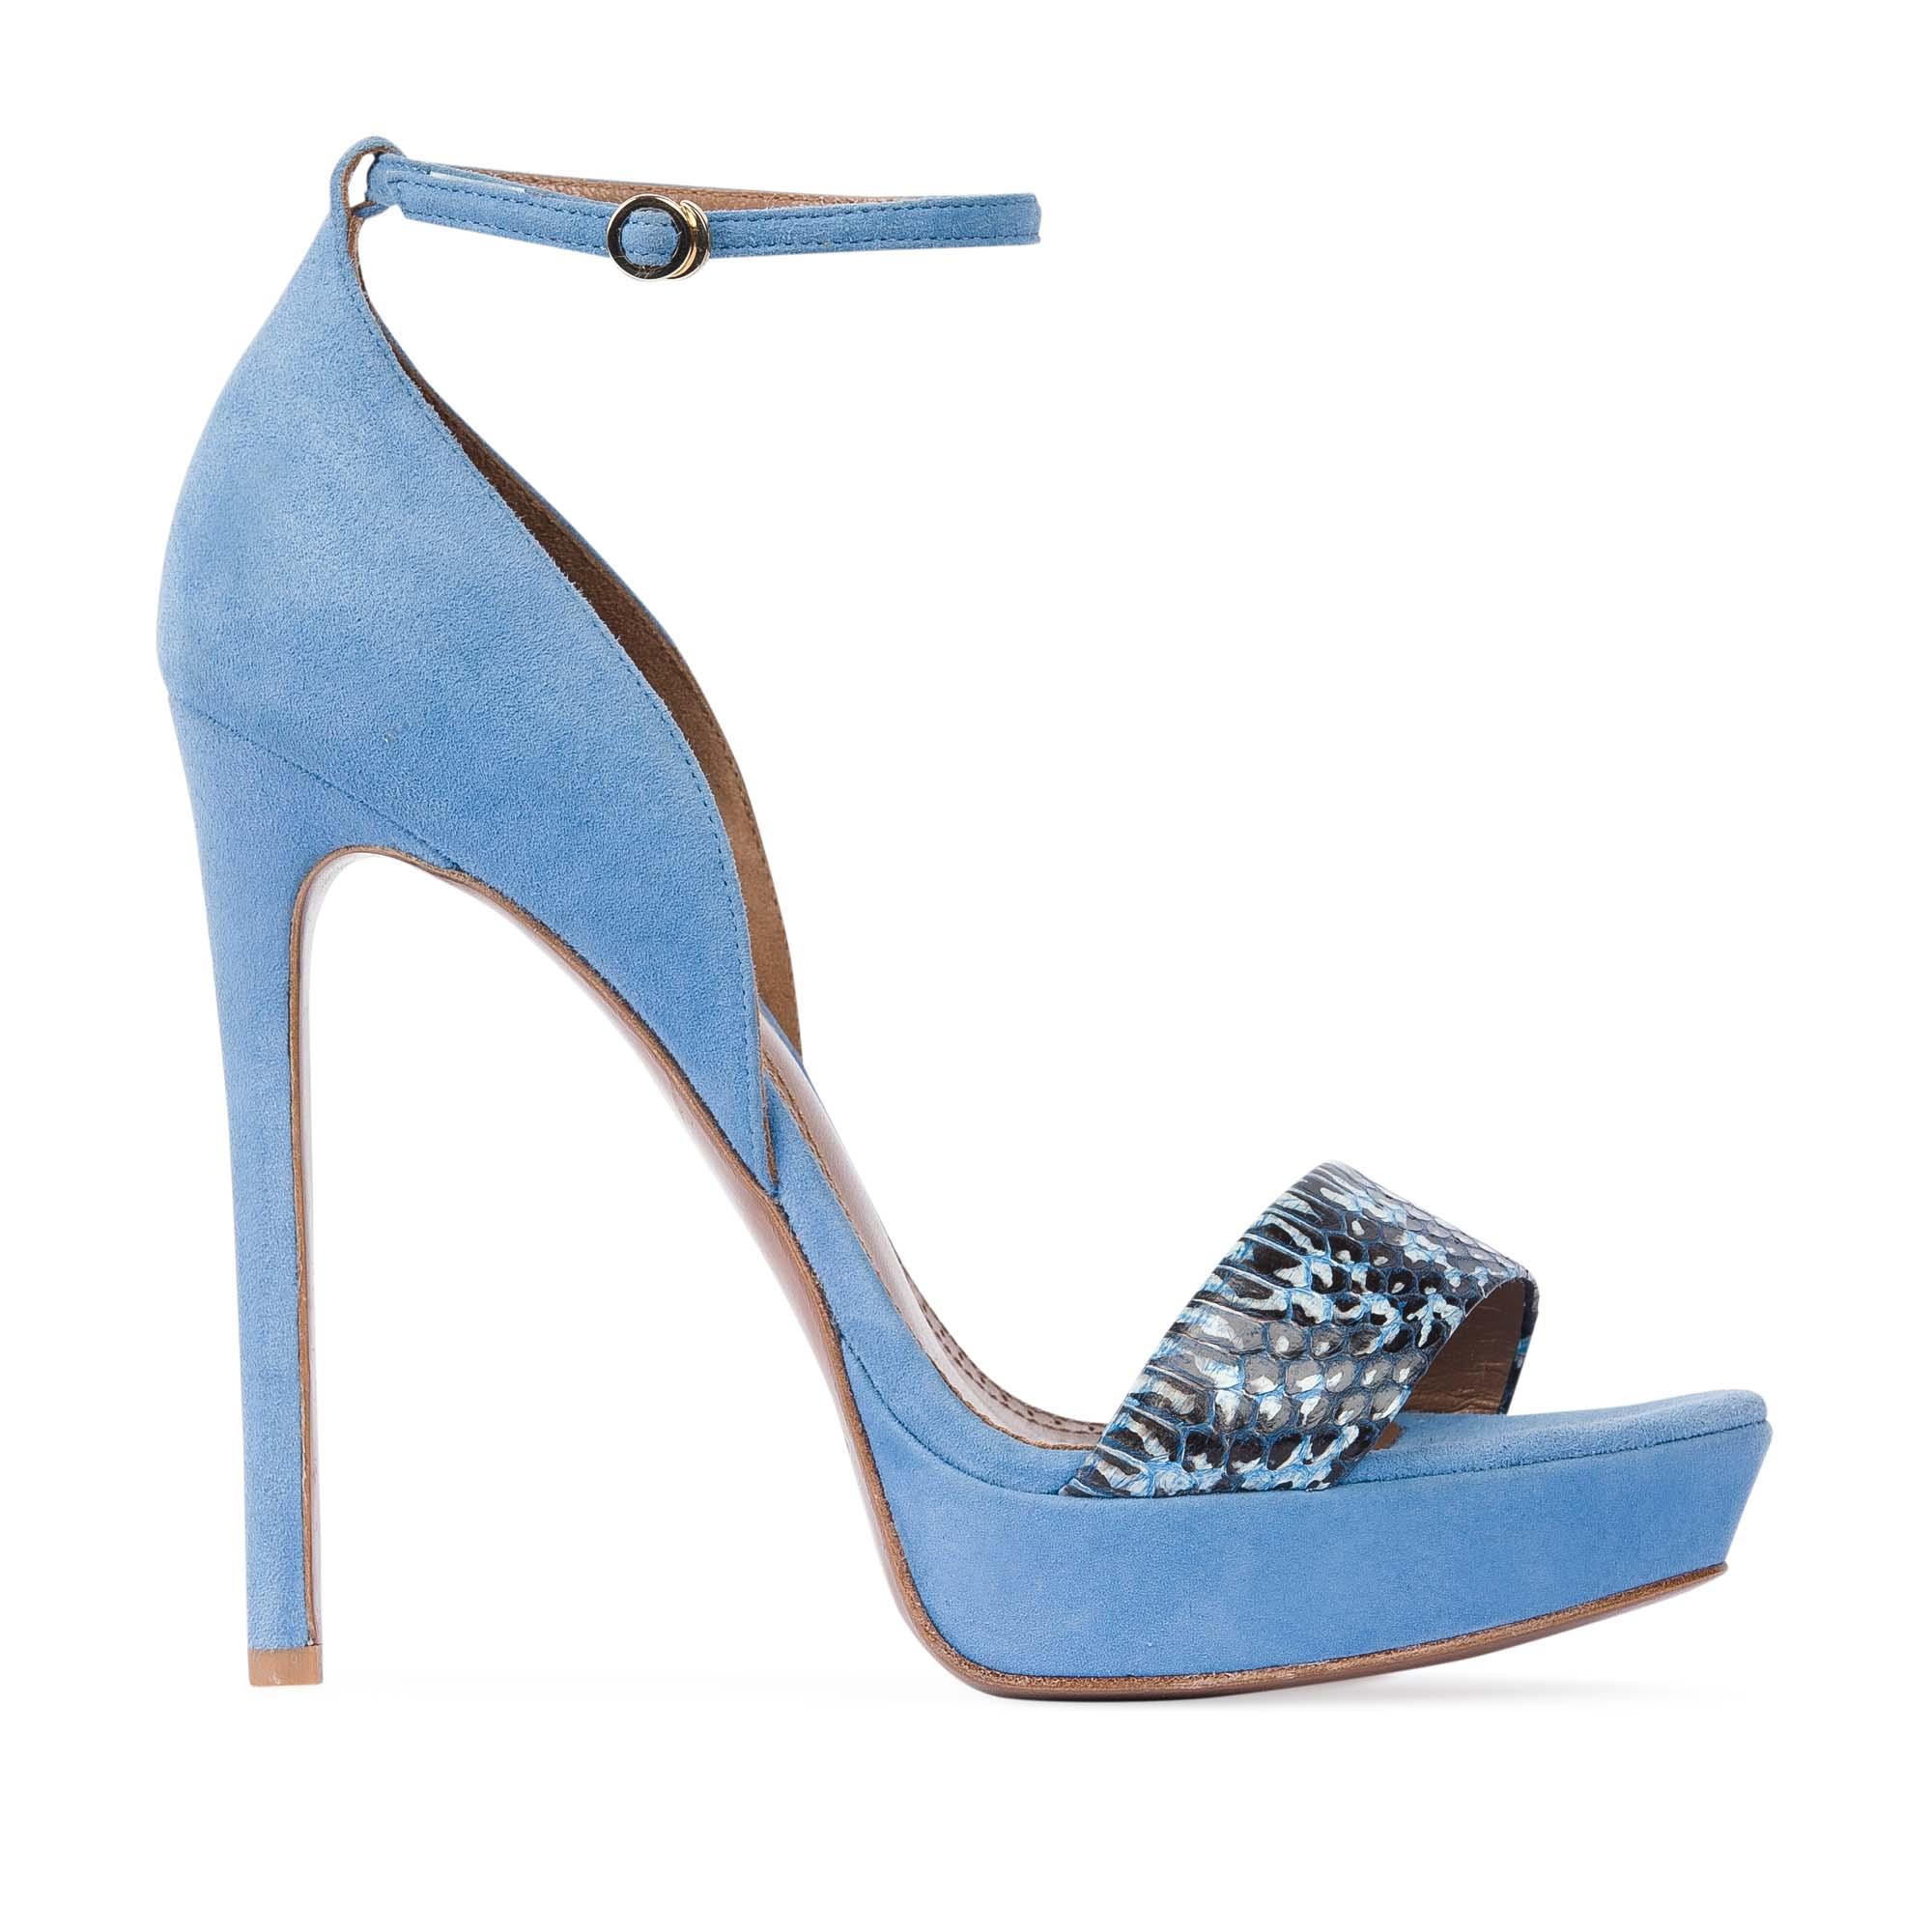 Замшевые босоножки небесно-голубого цвета с вставкой из змеиной кожиТуфли женские<br><br>Материал верха: Замша<br>Материал подкладки: Кожа<br>Материал подошвы: Кожа<br>Цвет: Голубой<br>Высота каблука: 13 см<br>Дизайн: Италия<br>Страна производства: Китай<br><br>Высота каблука: 13 см<br>Материал верха: Замша<br>Материал подкладки: Кожа<br>Цвет: Голубой<br>Вес кг: 0.53600000<br>Выберите размер обуви: 37***